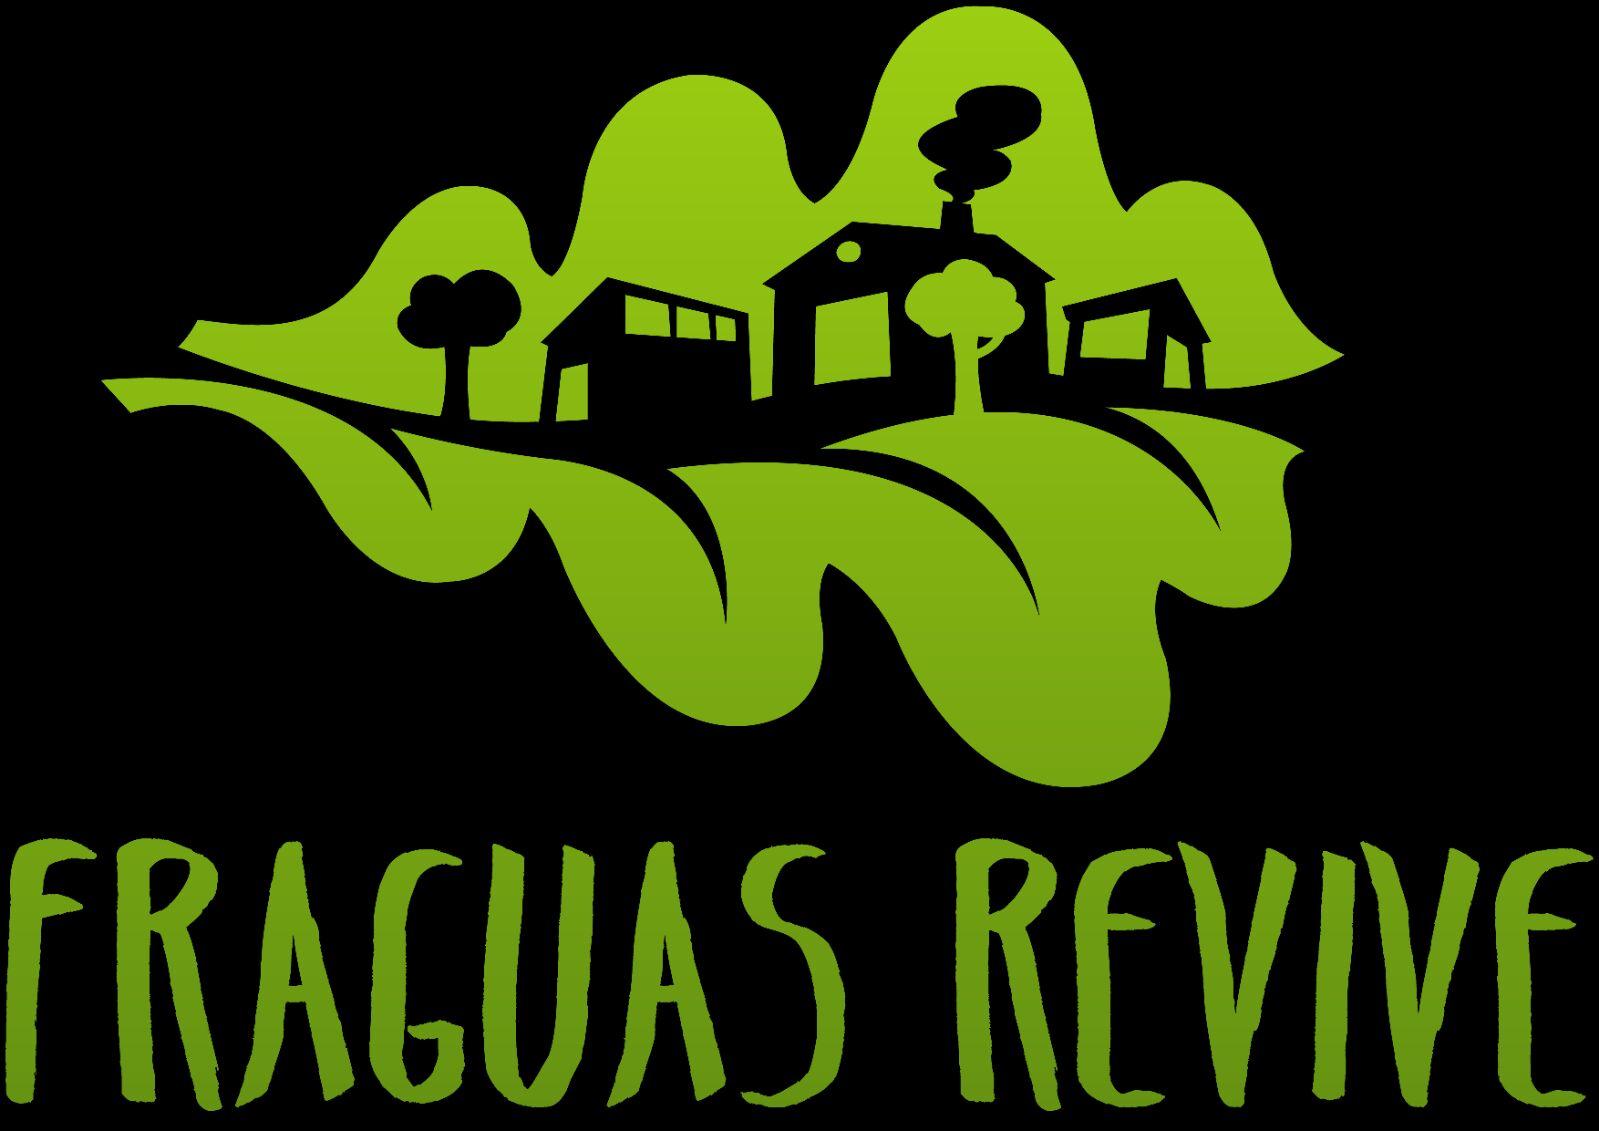 Proyecto Fraguas